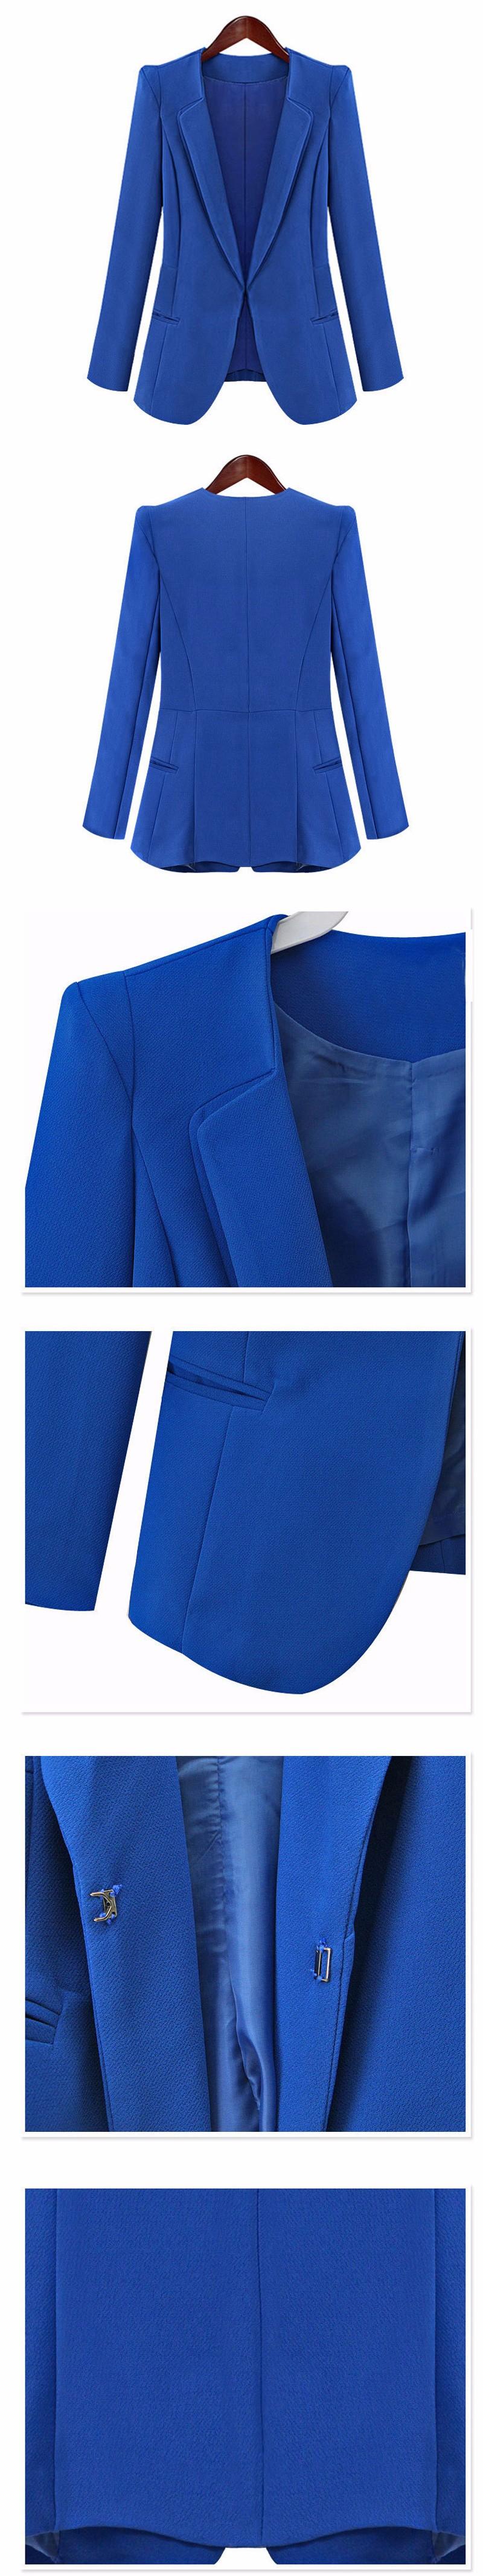 Autumn Women's Candy Color Outerwear Blaser Coat Lady' Korean Slim Jacket Girls Casual Single Button Suit Plus Size XXXXL 4XL